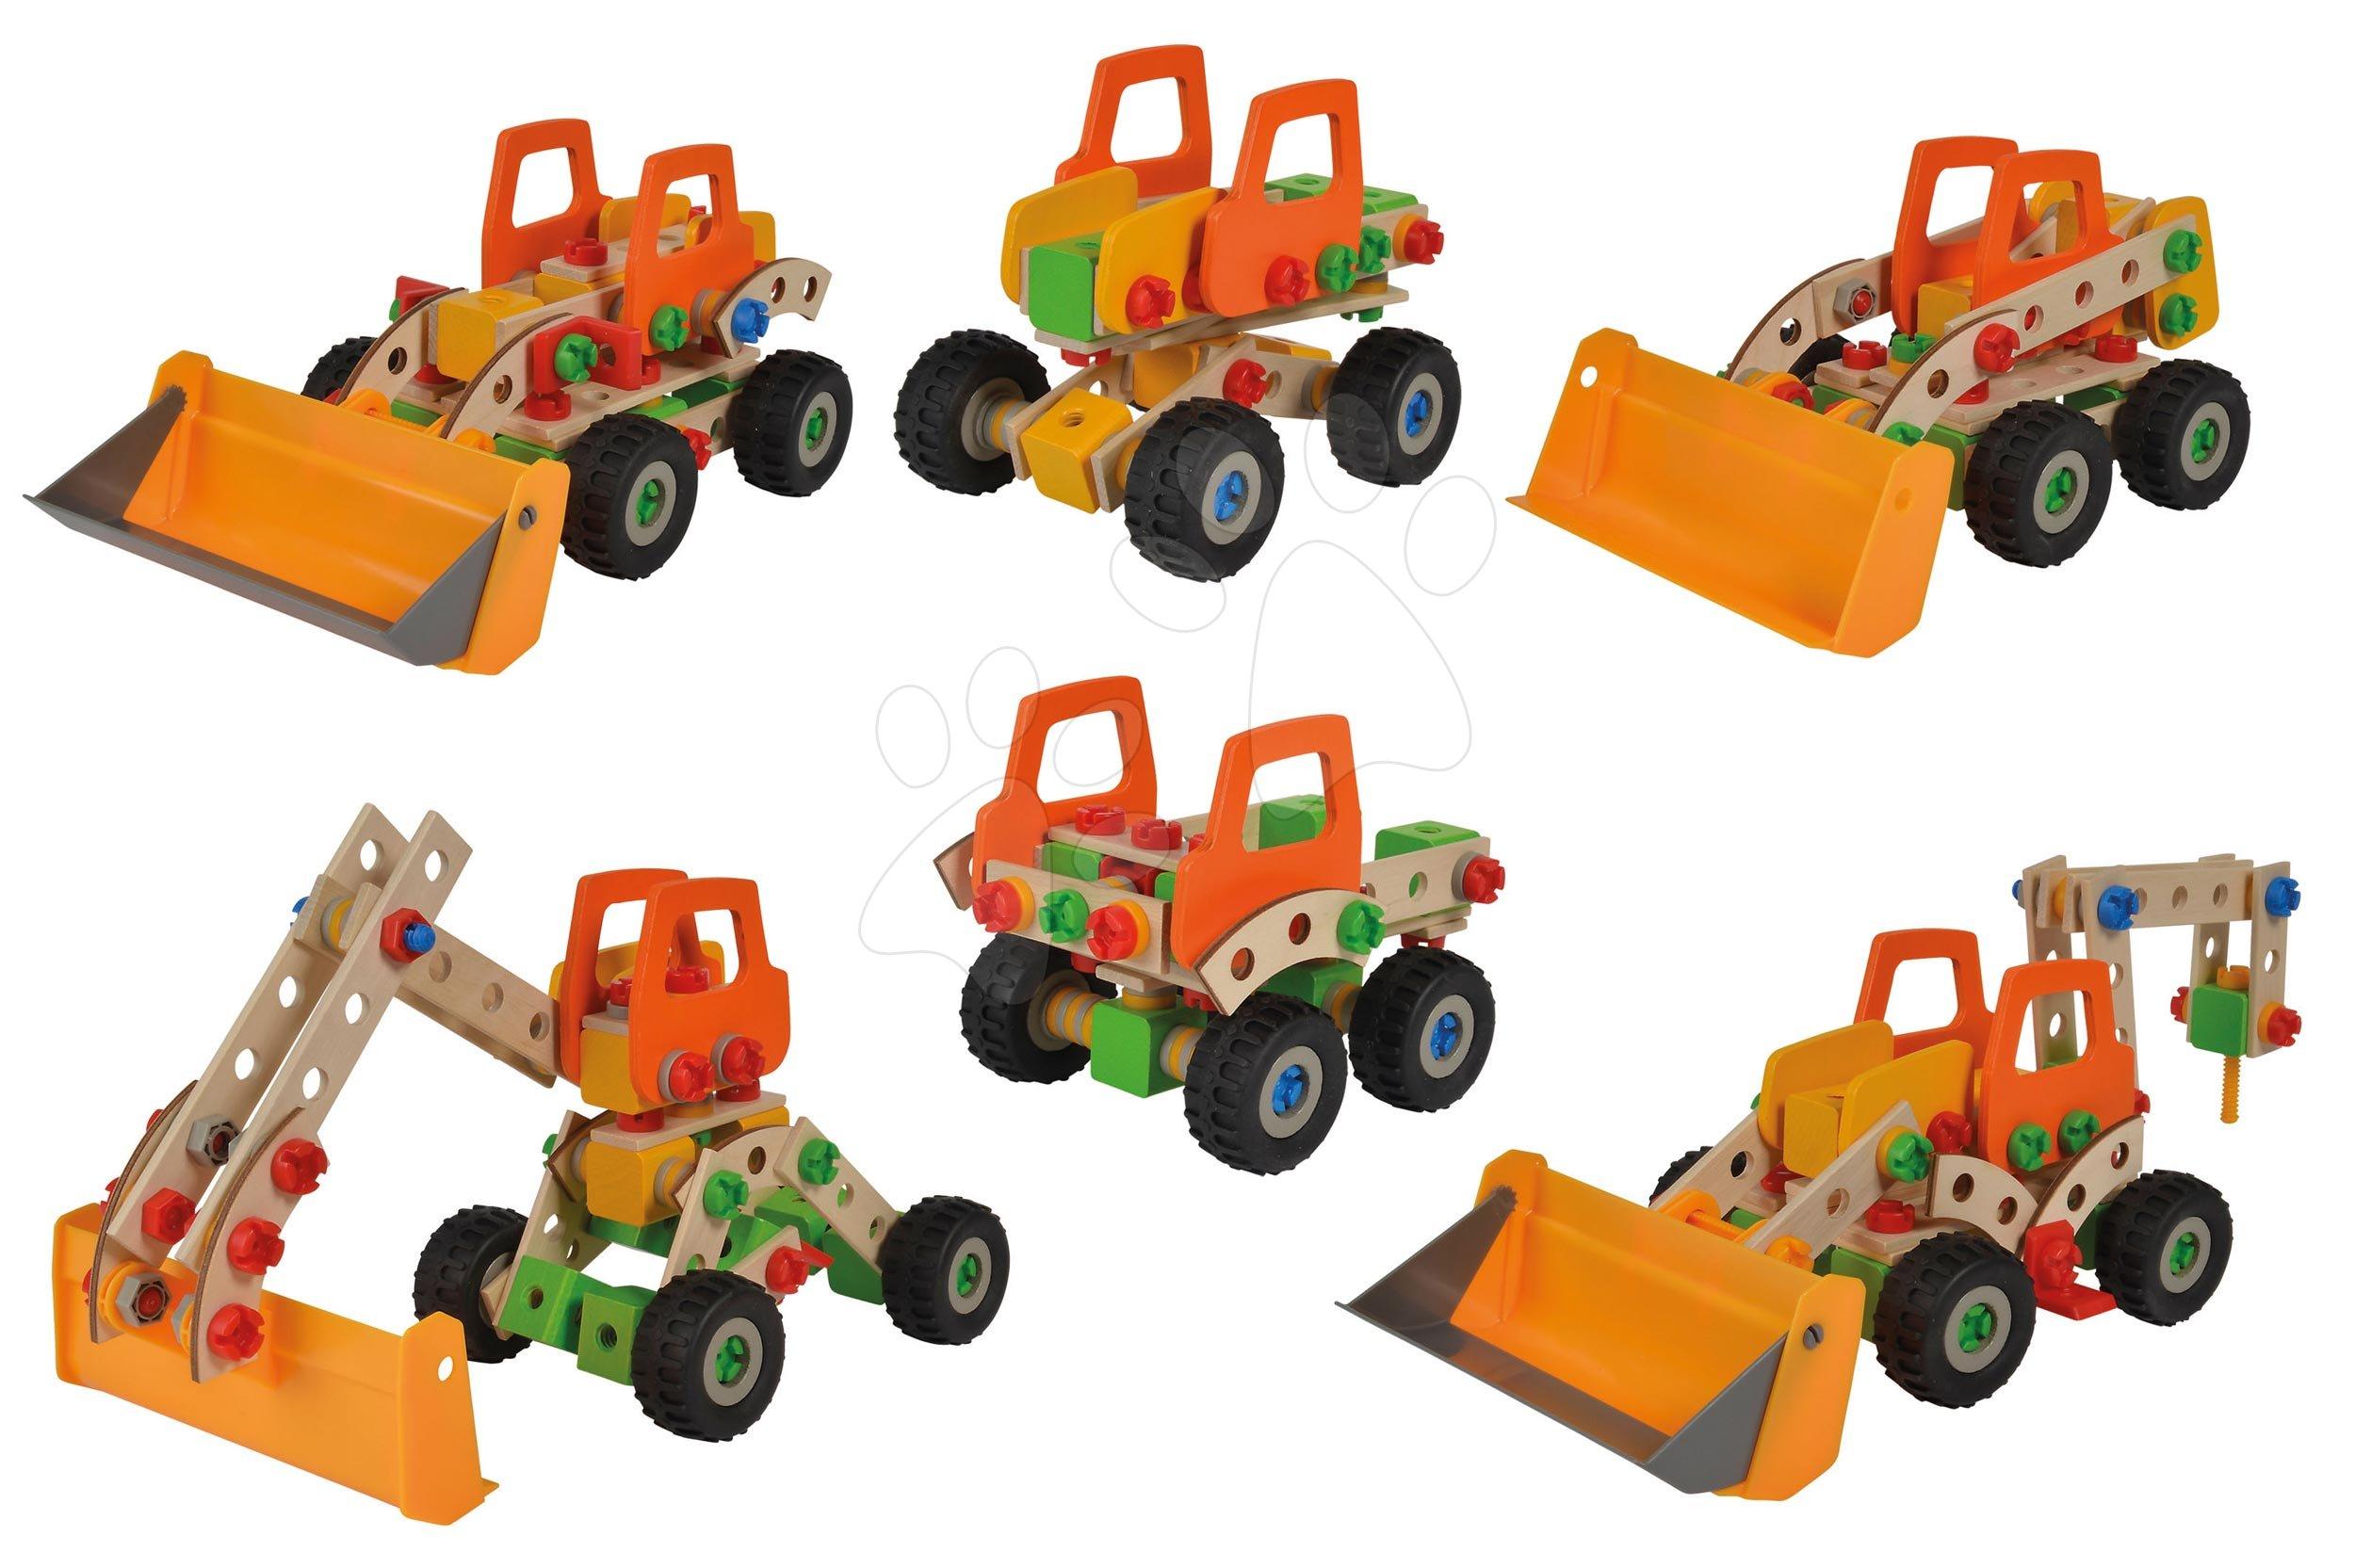 Joc de construit din lemn încărcător Constructor Wheel Loader Eichhorn șase modele (încărcător, macara, macara mobilă, camion, unimog, bigfoot) 140 piese de la 5 ani